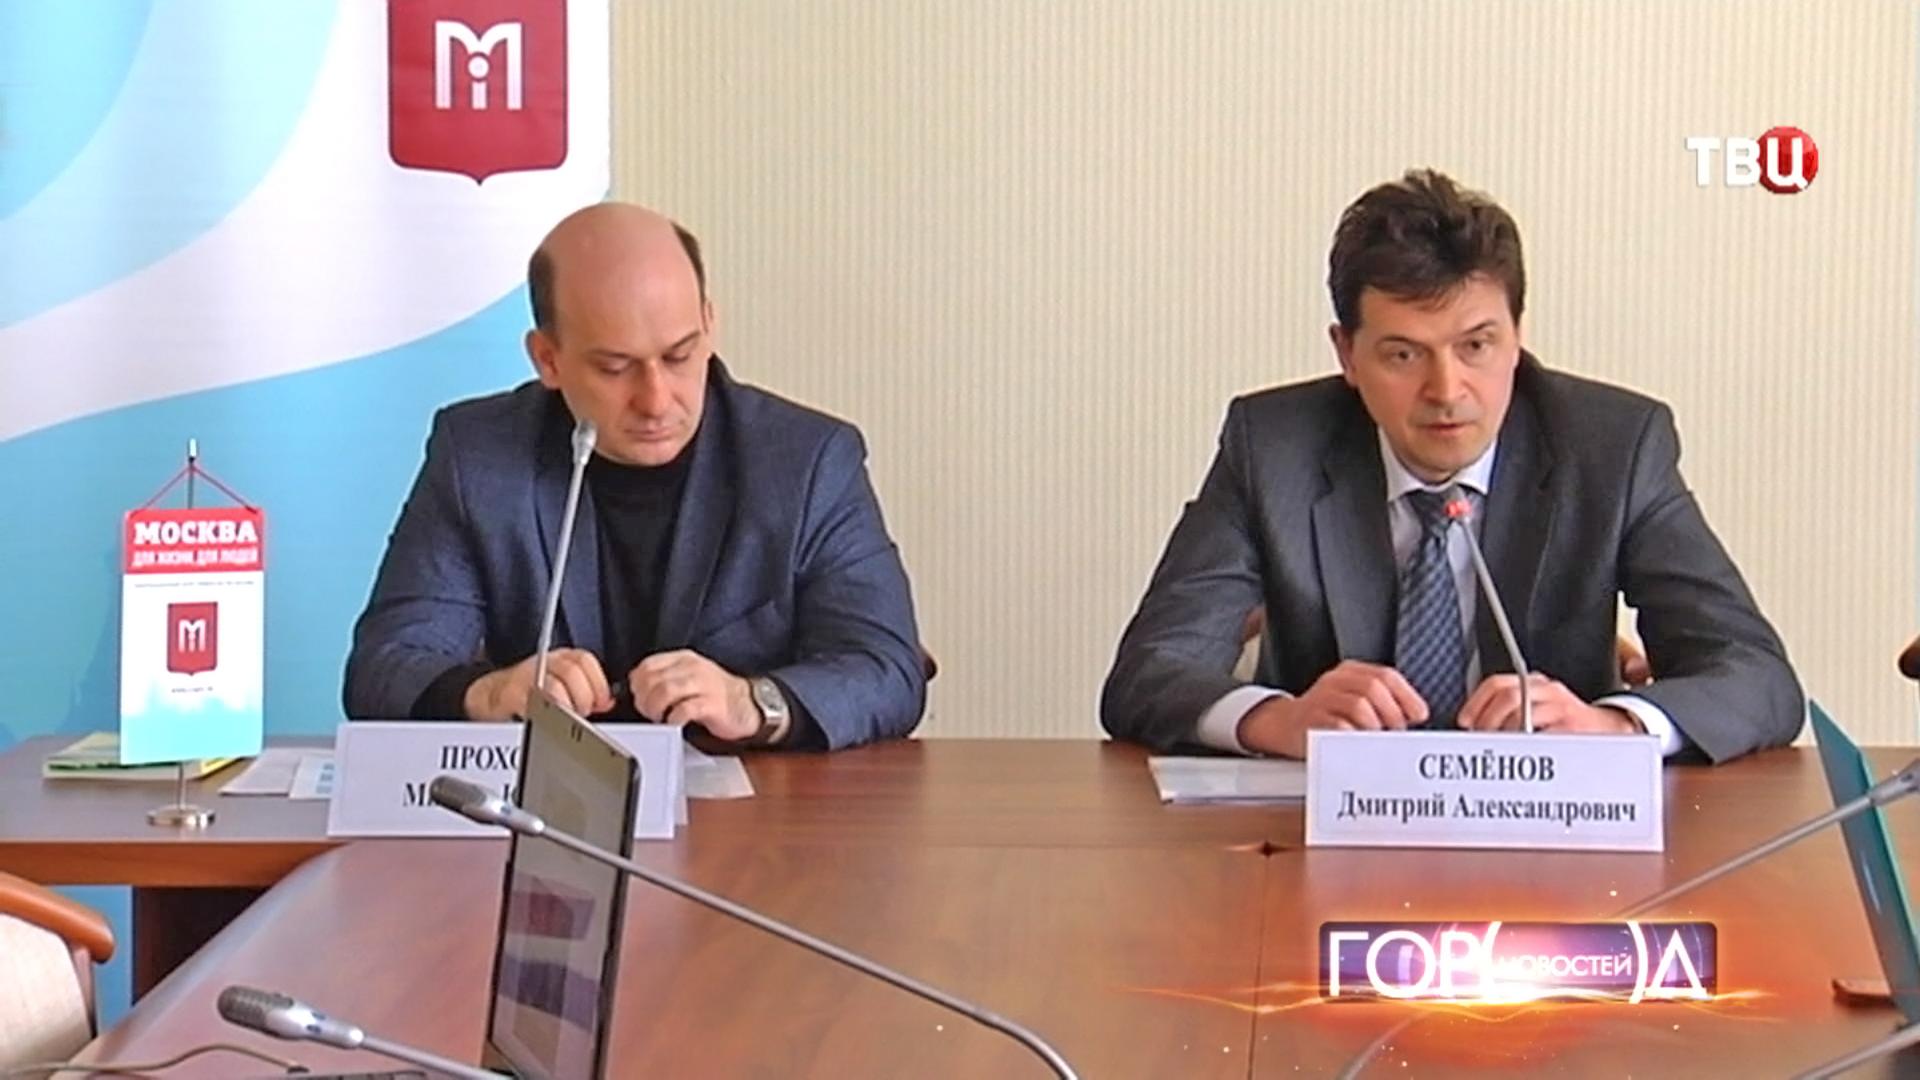 Начальник Объединённой административно-технической инспекции Москвы Дмитрий Семёнов